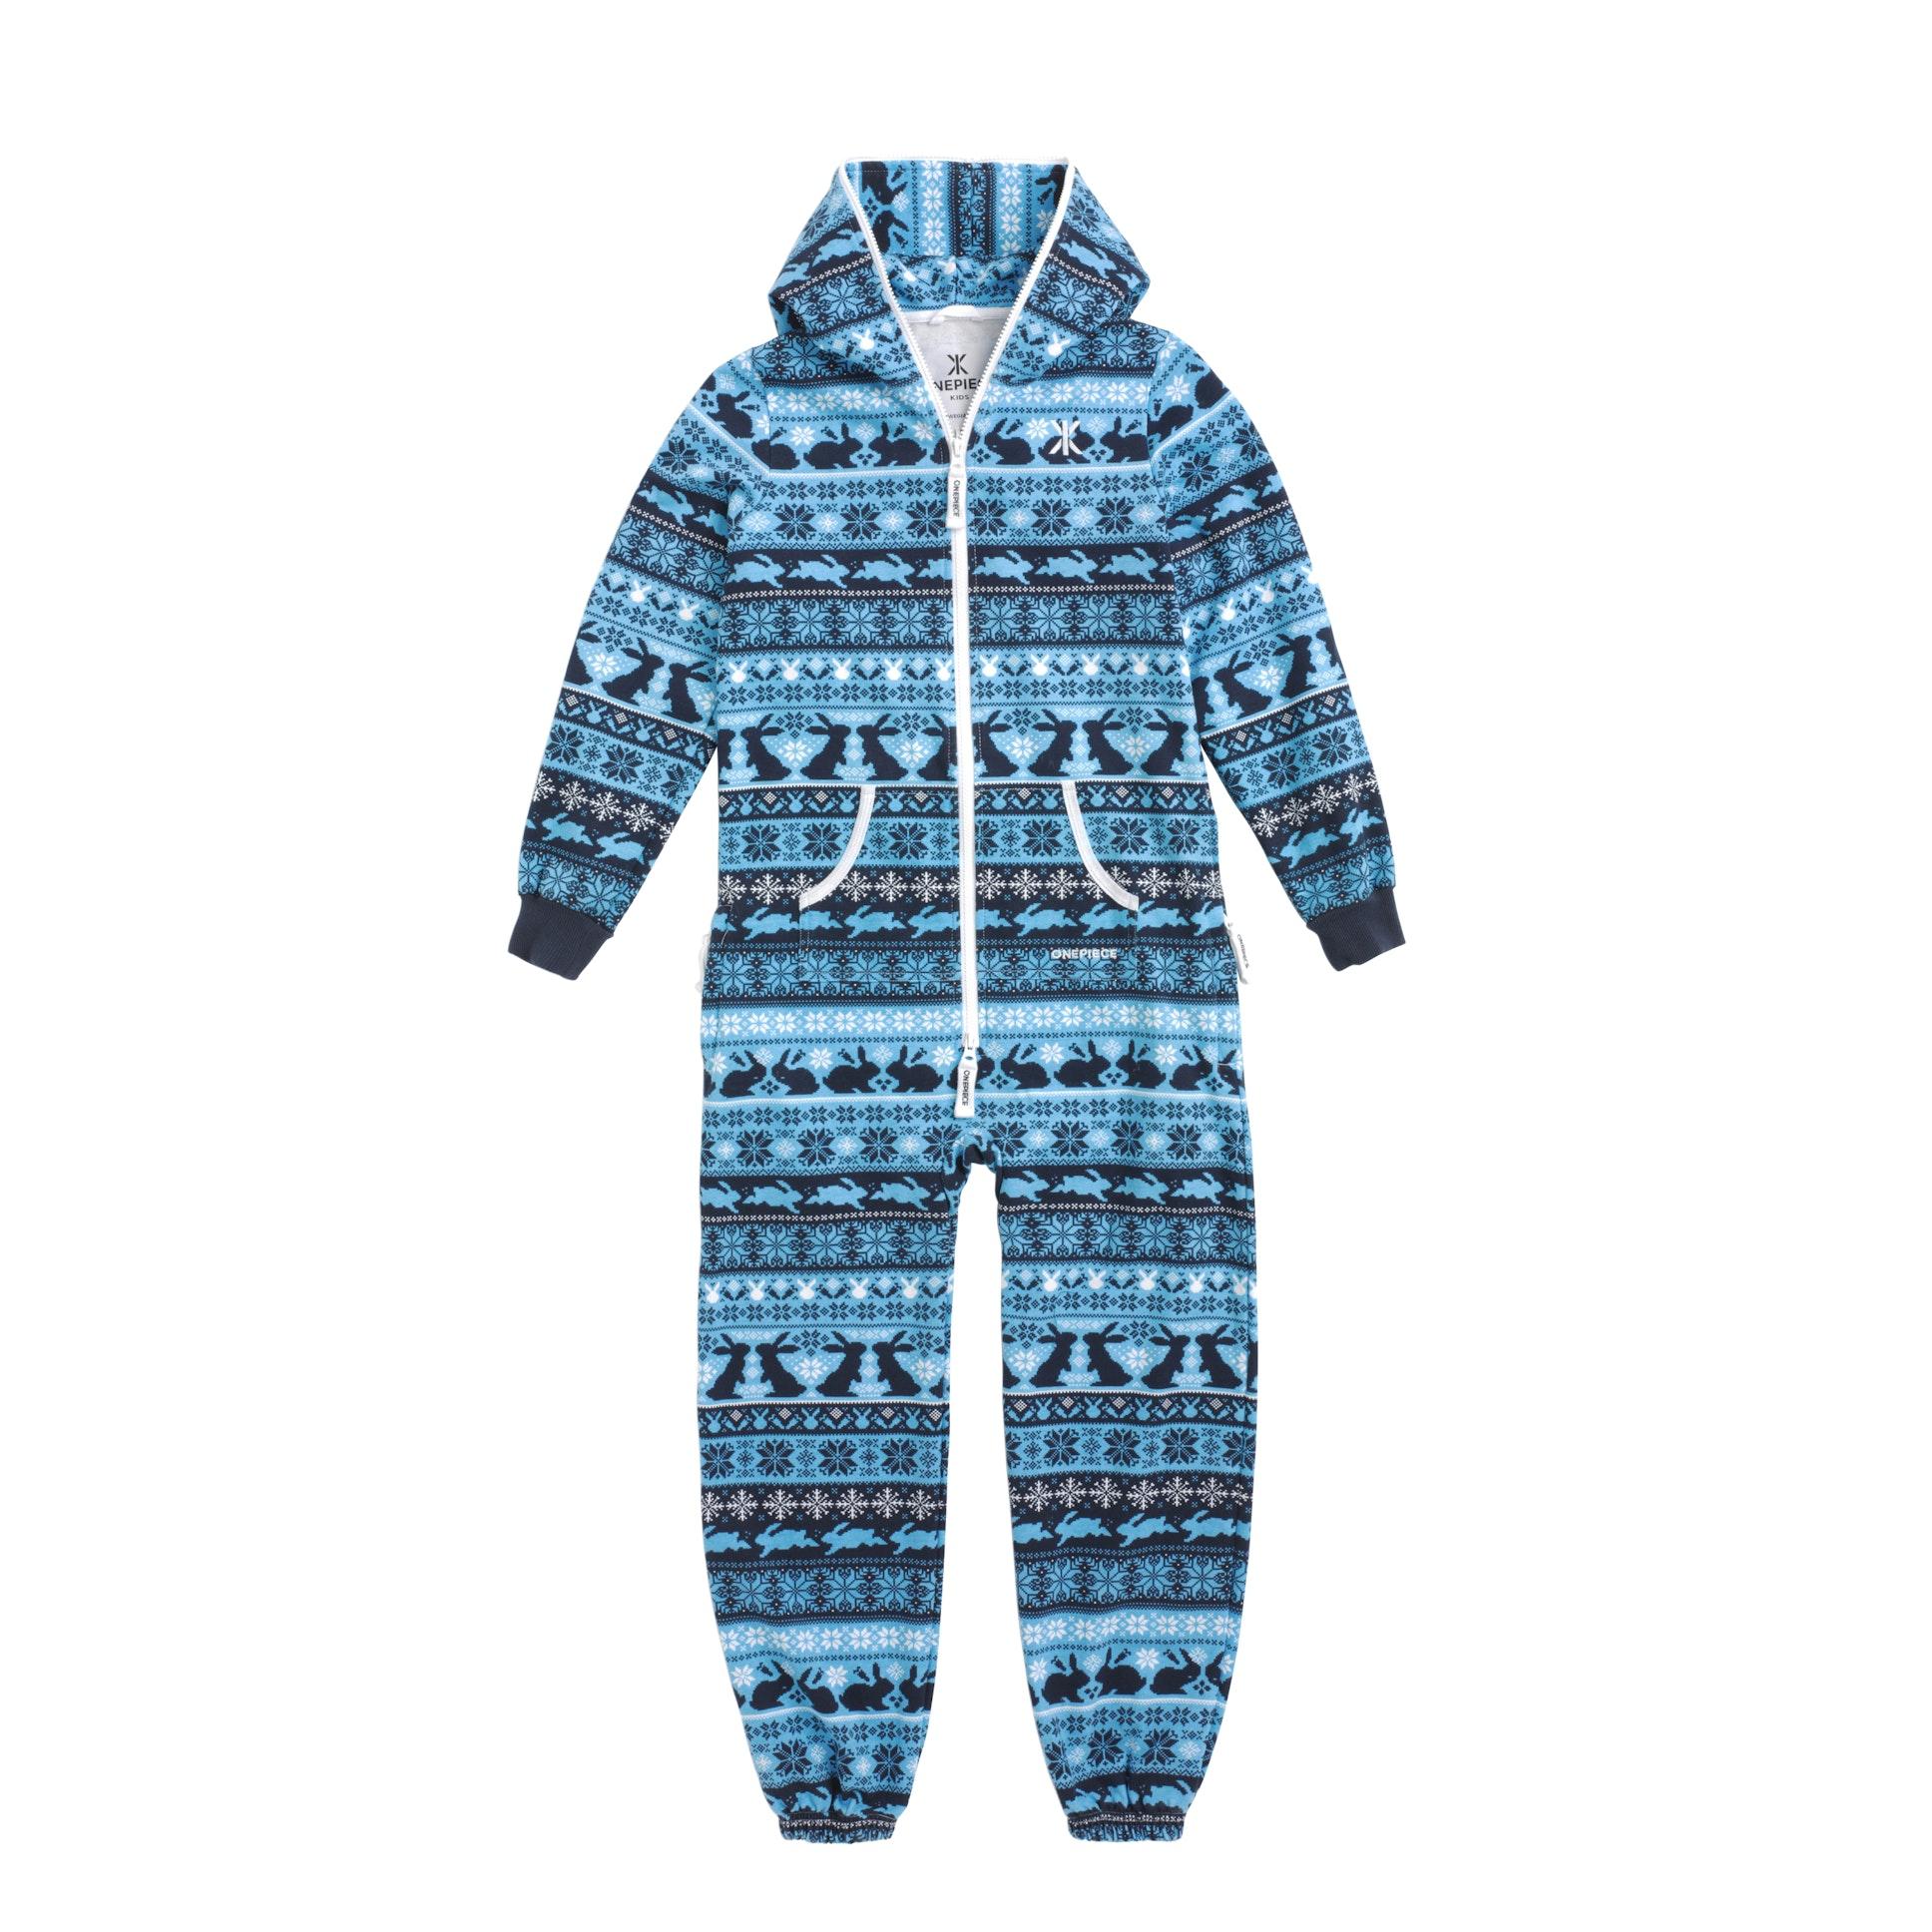 0848eea176d0 hip-hop-kids-jumpsuit-northern -blue-2.jpg?w=1936&h=1936&fit=fill&bg=FFFFFF&q=75